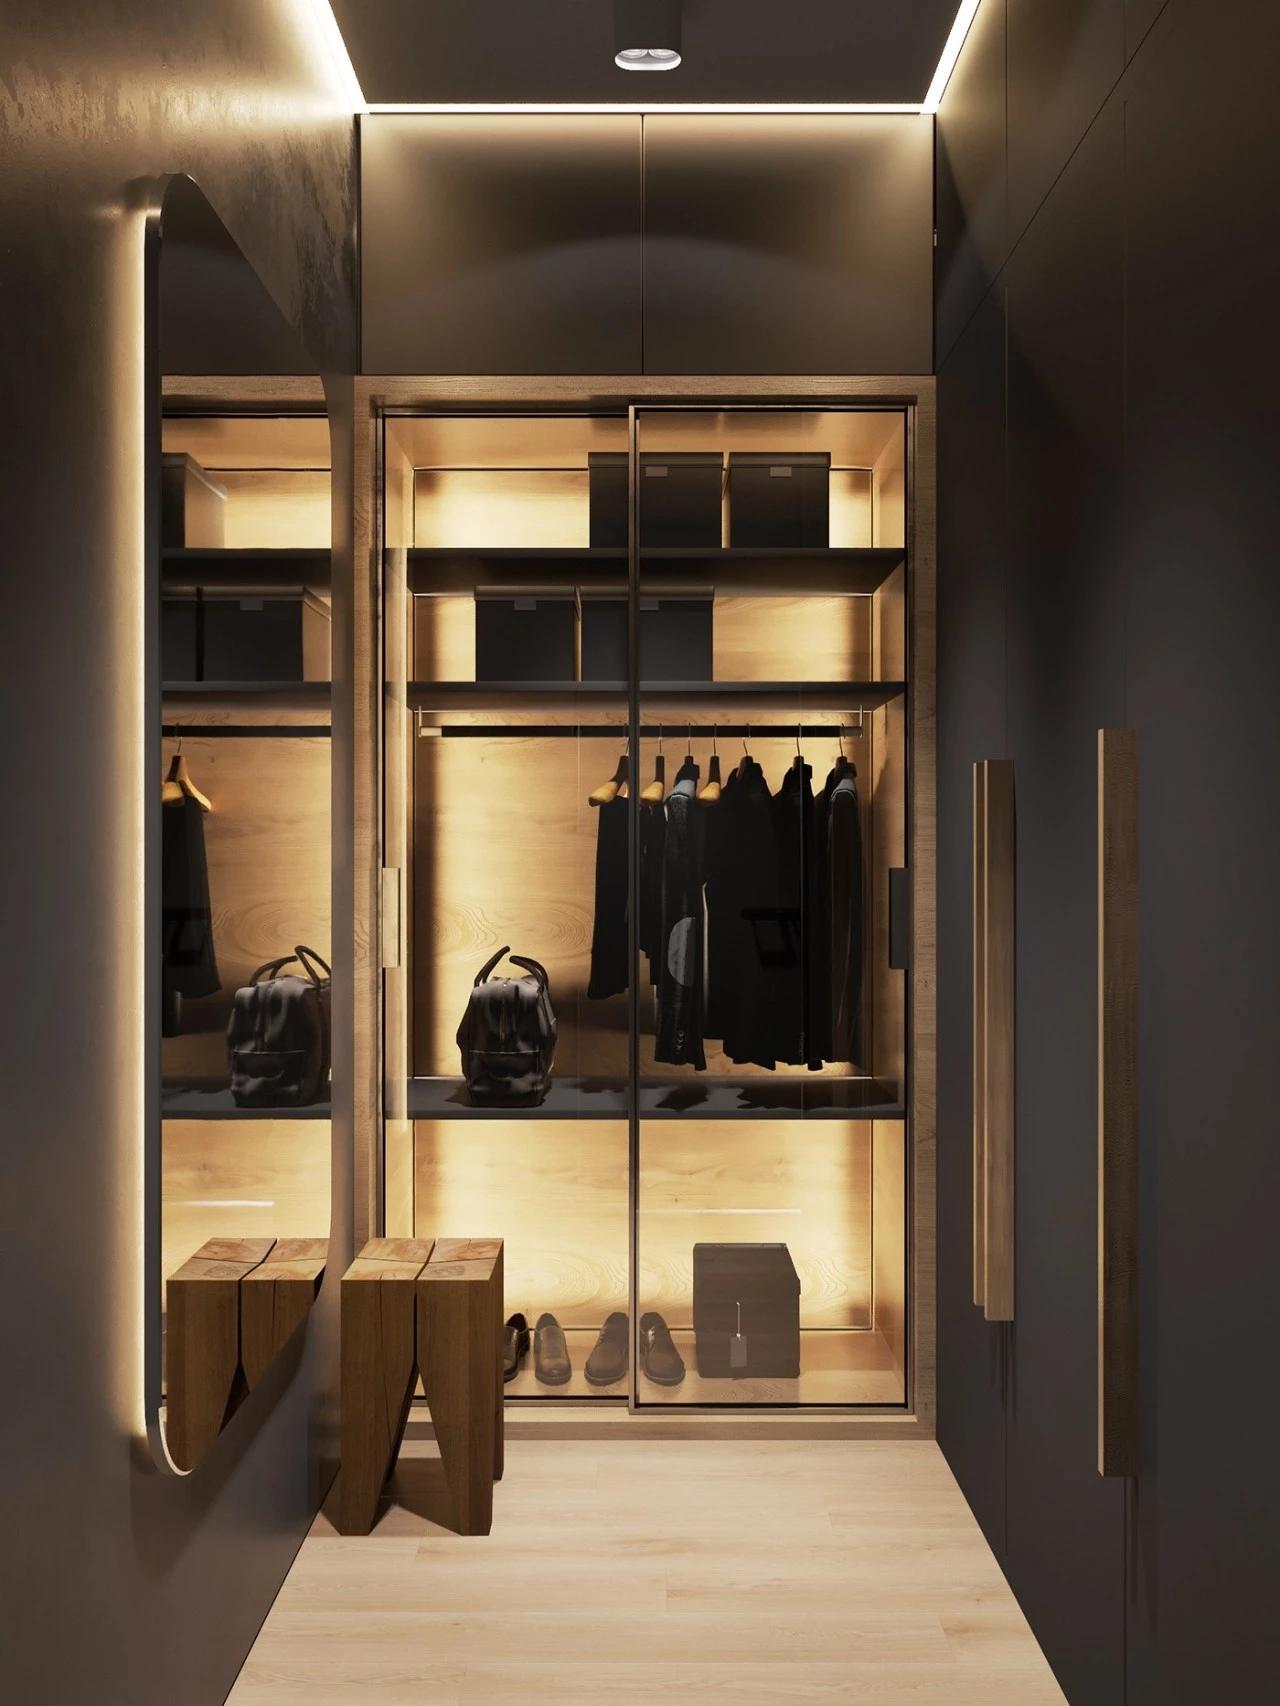 66平米公寓衣帽间装修效果图